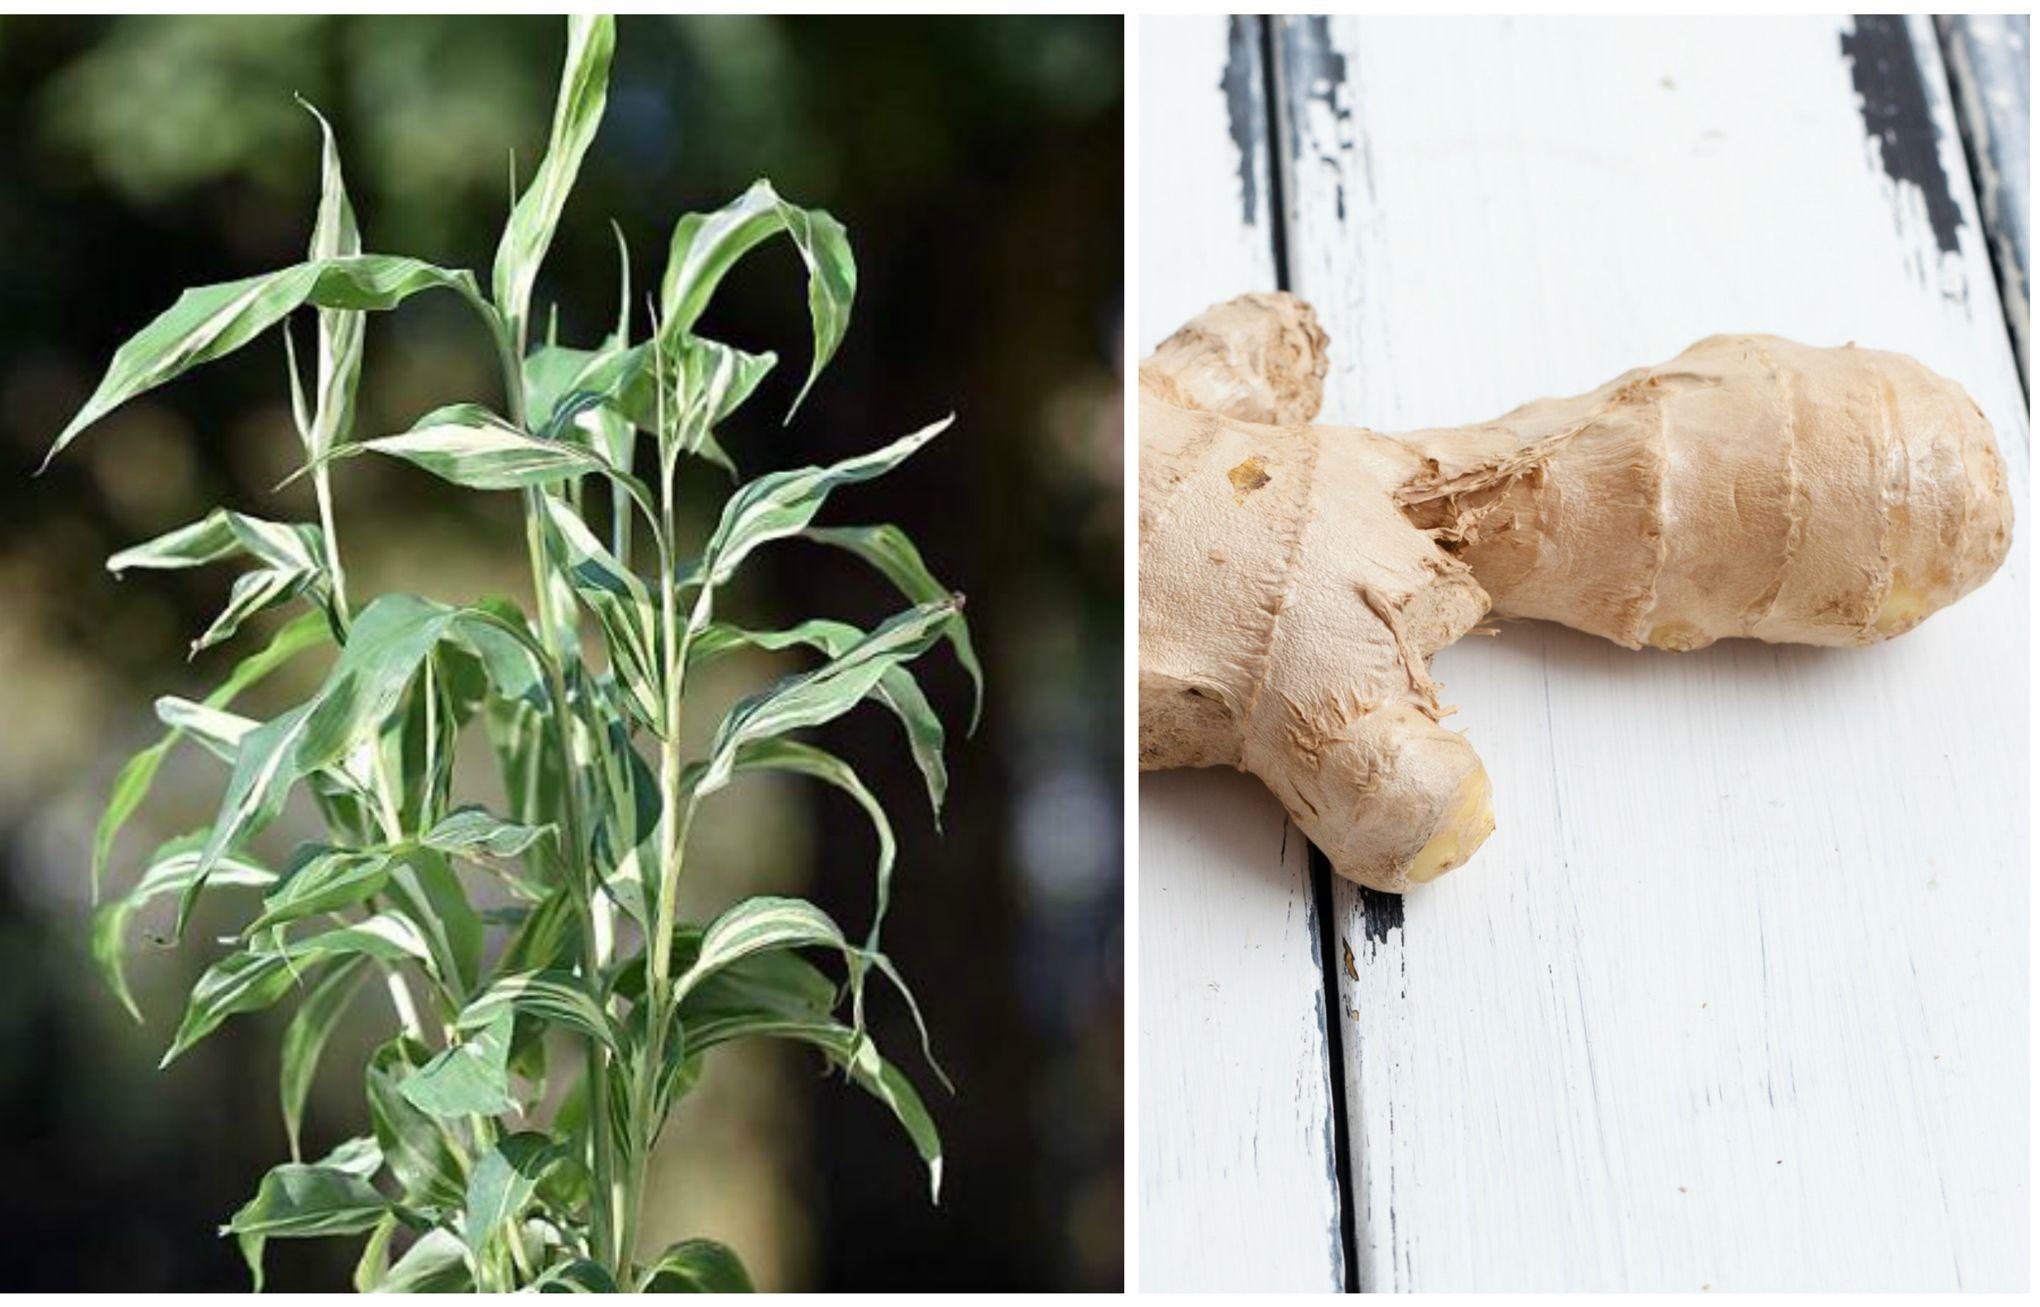 jardin gourmand vous aimez le gingembre cultivez le. Black Bedroom Furniture Sets. Home Design Ideas